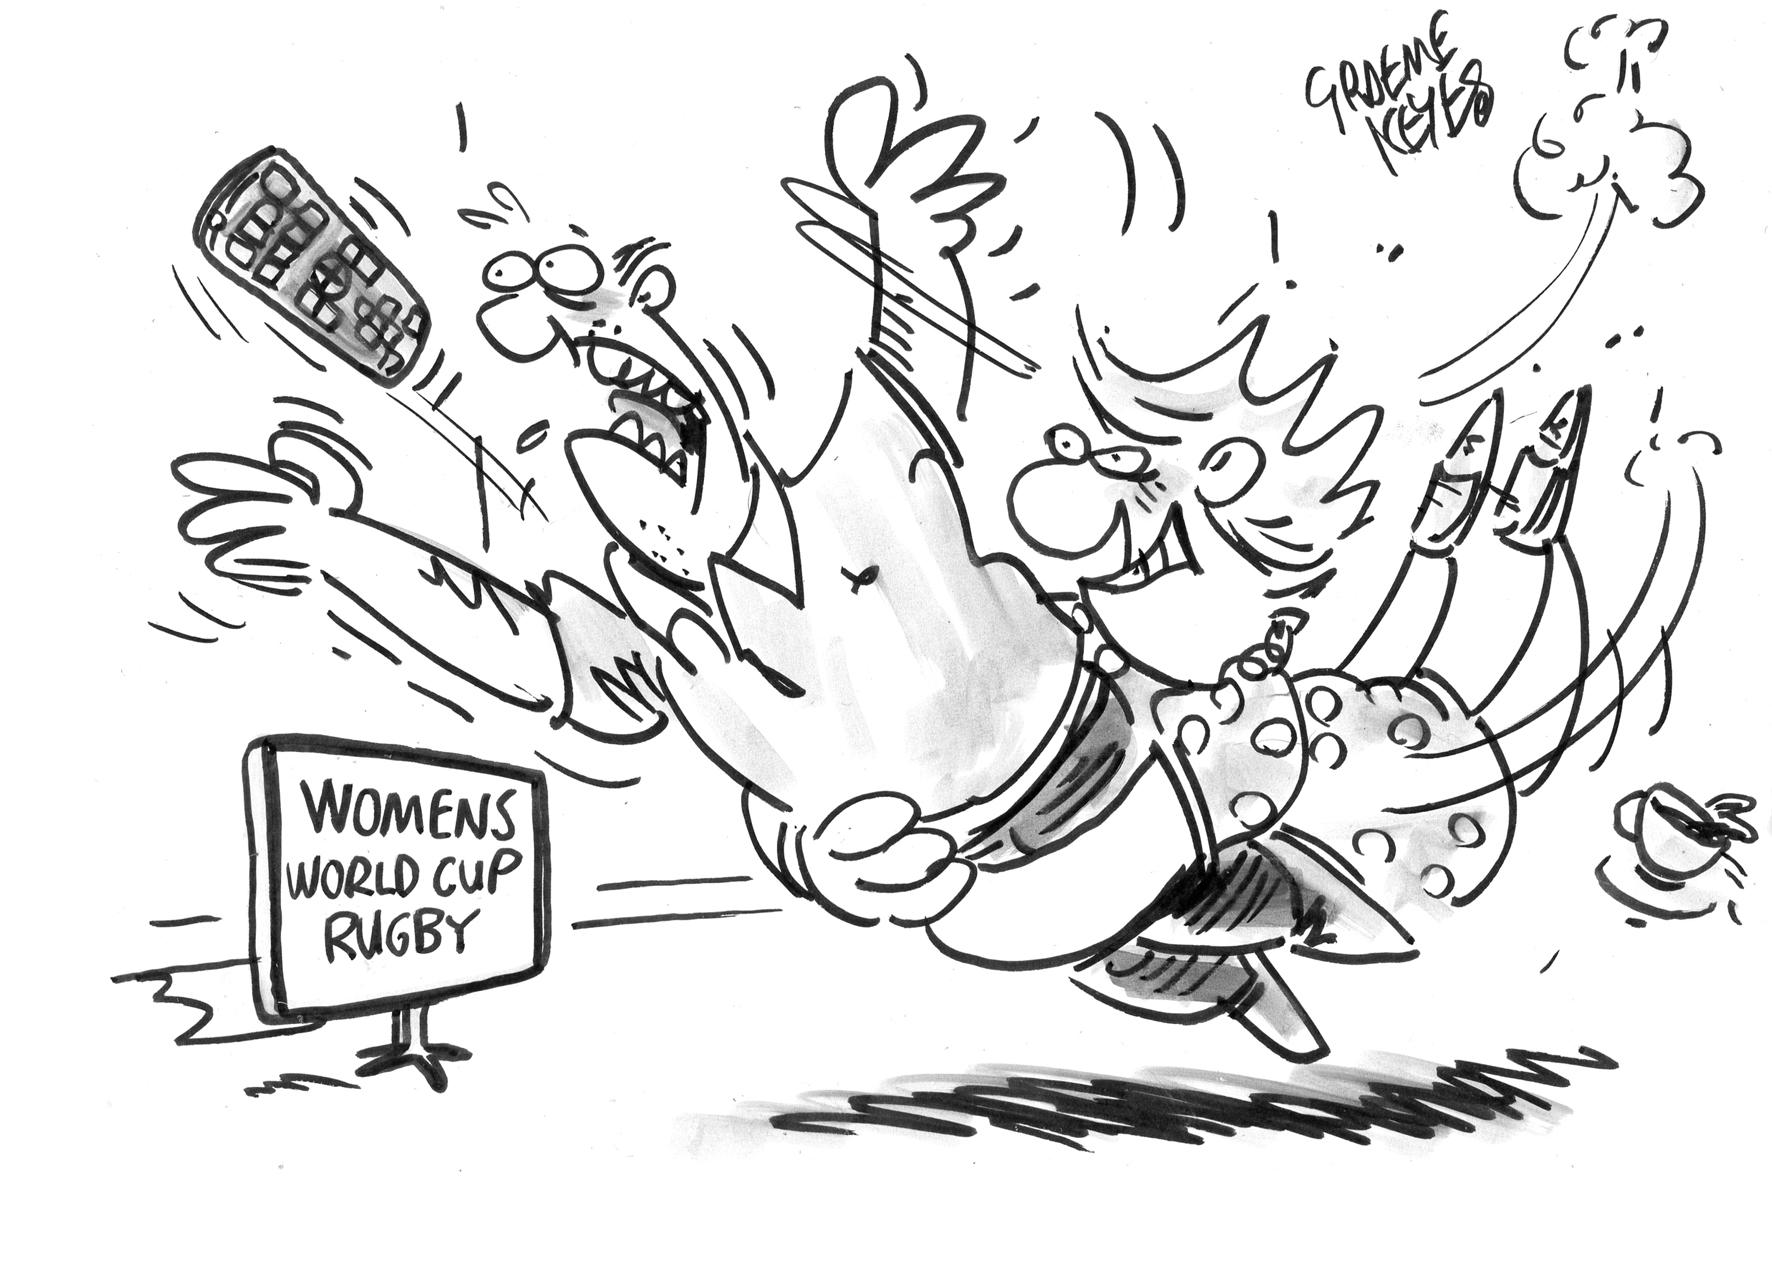 Keyes - Women's Rugby